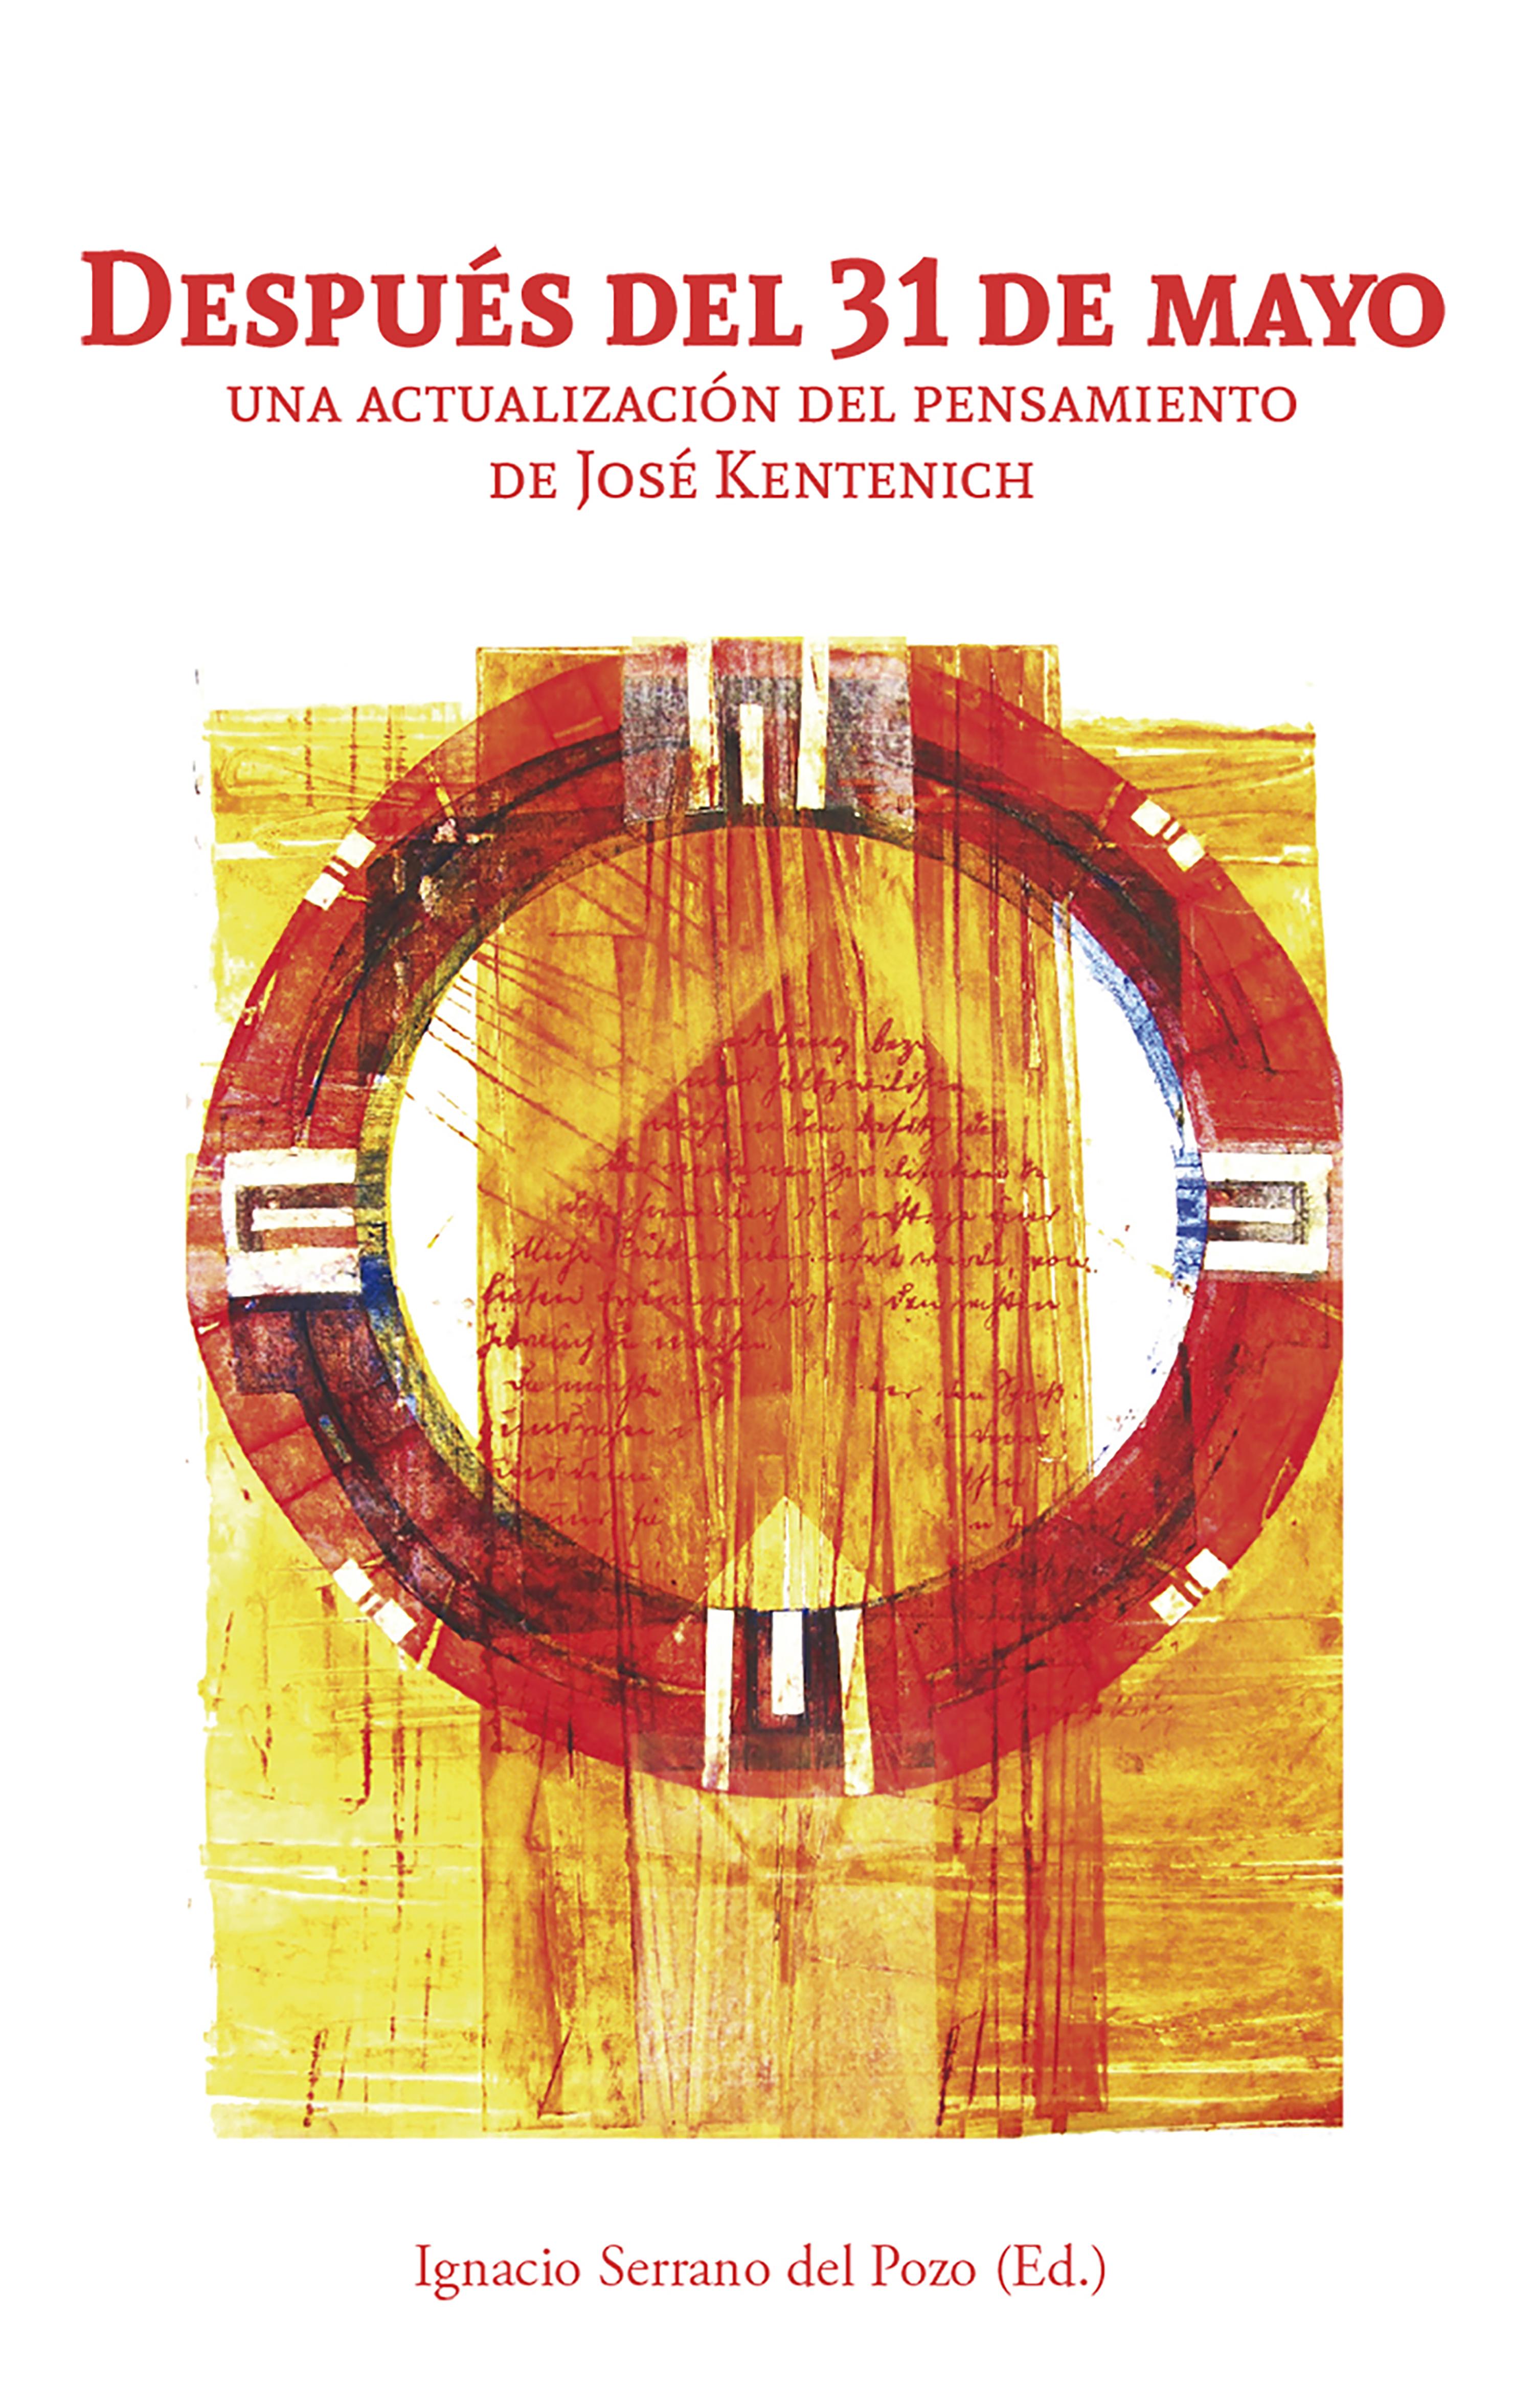 Después del 31 de mayo: Una actualización del pensamiento de José Kentenich